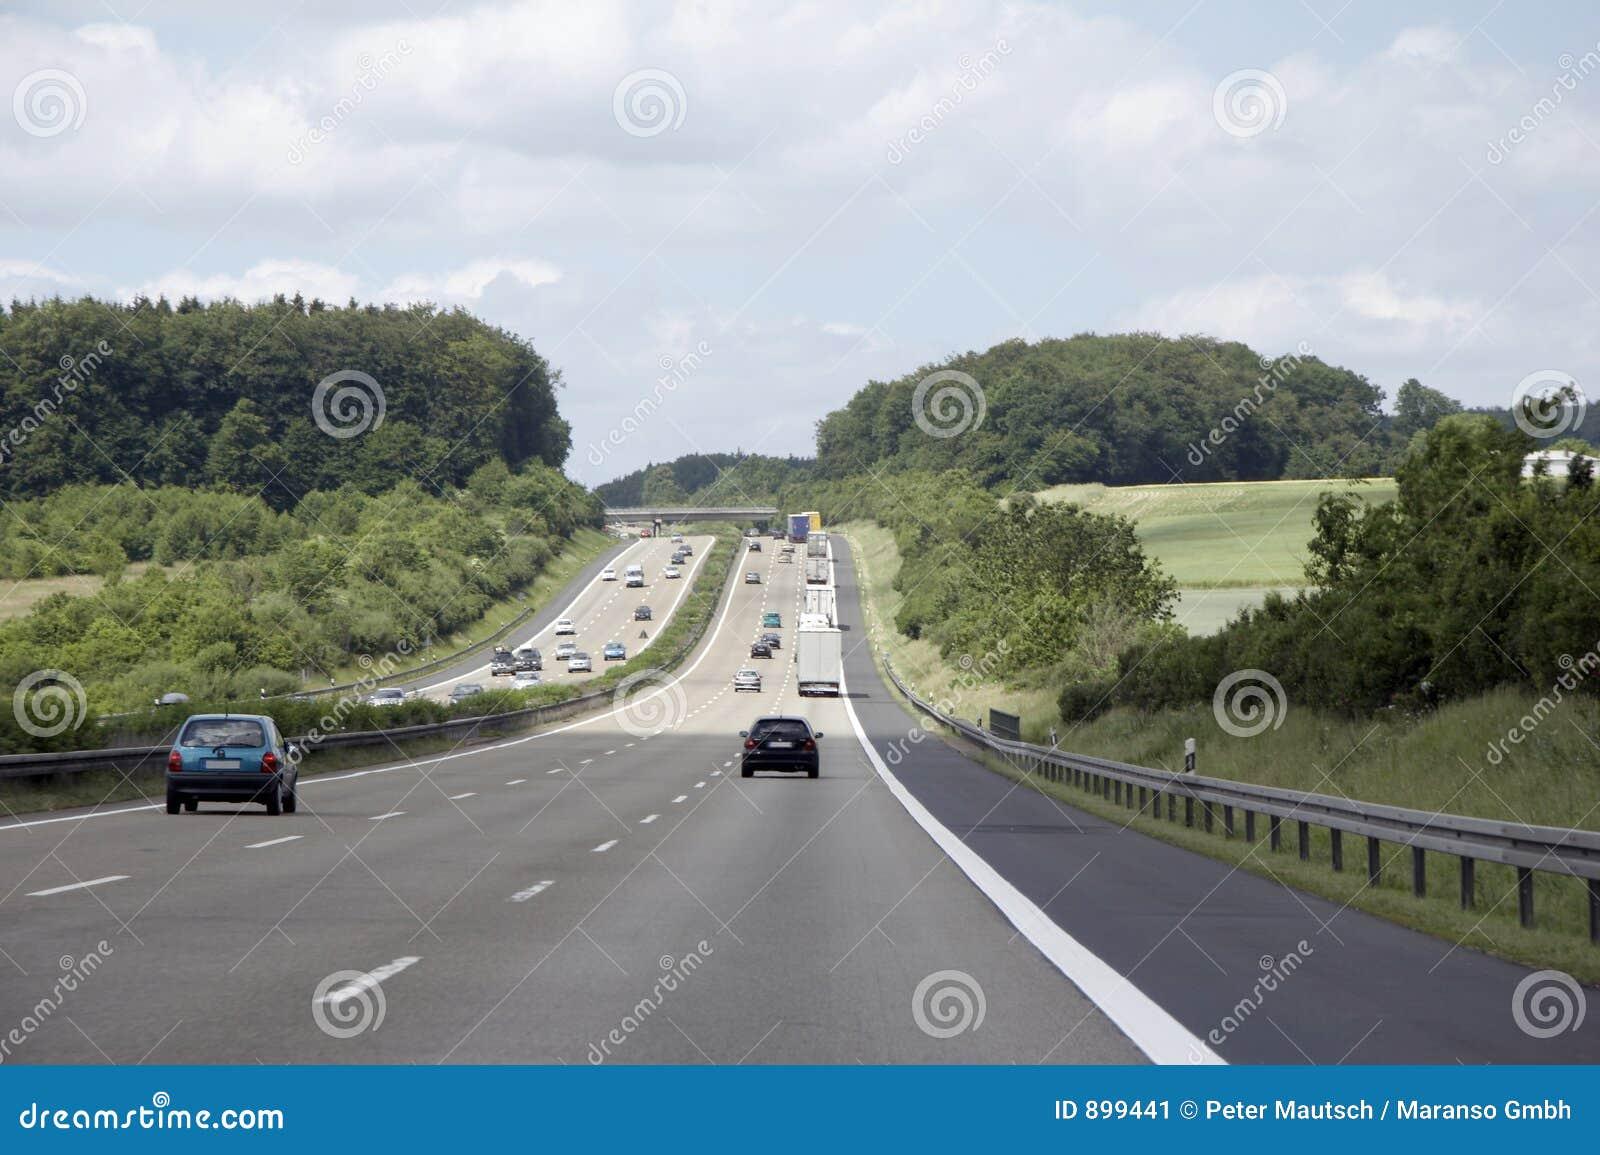 Germany motorway